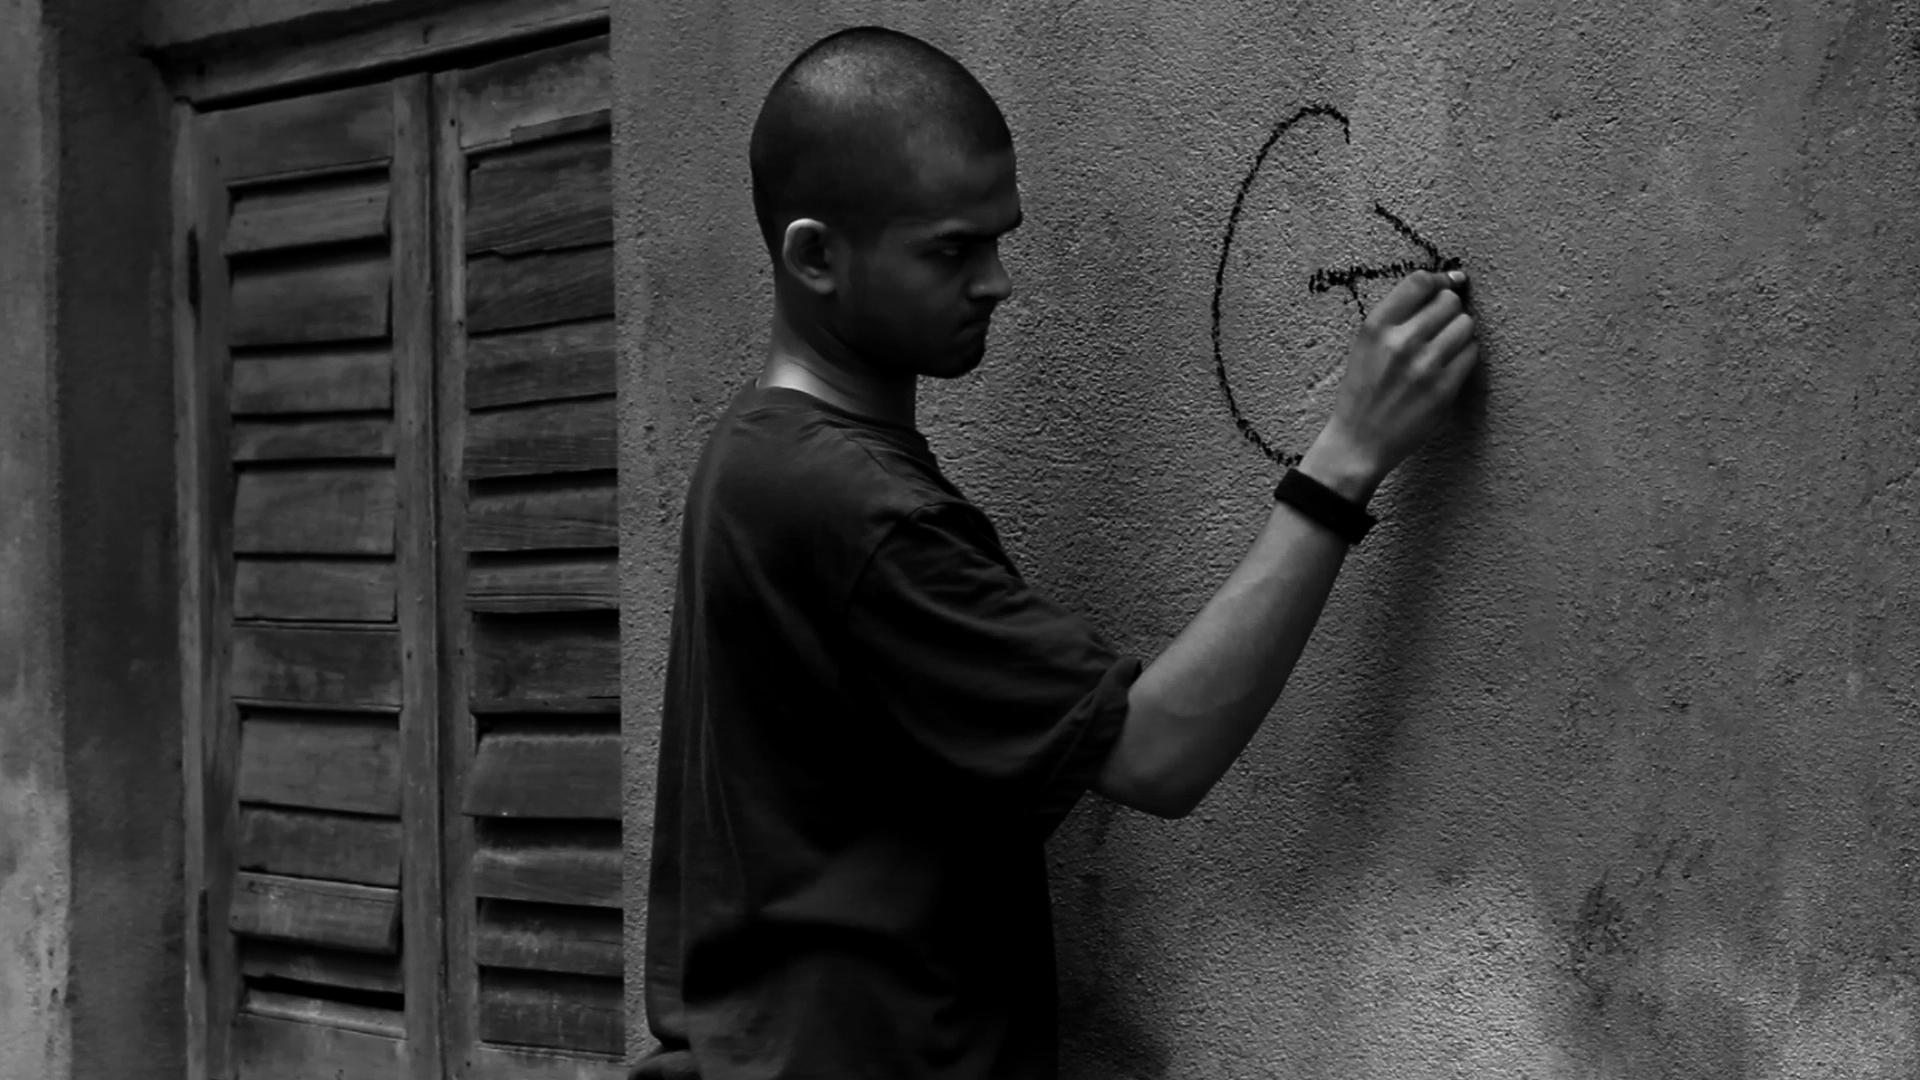 Gandu | Artsploitation Films: artsploitationfilms.com/gandu-details